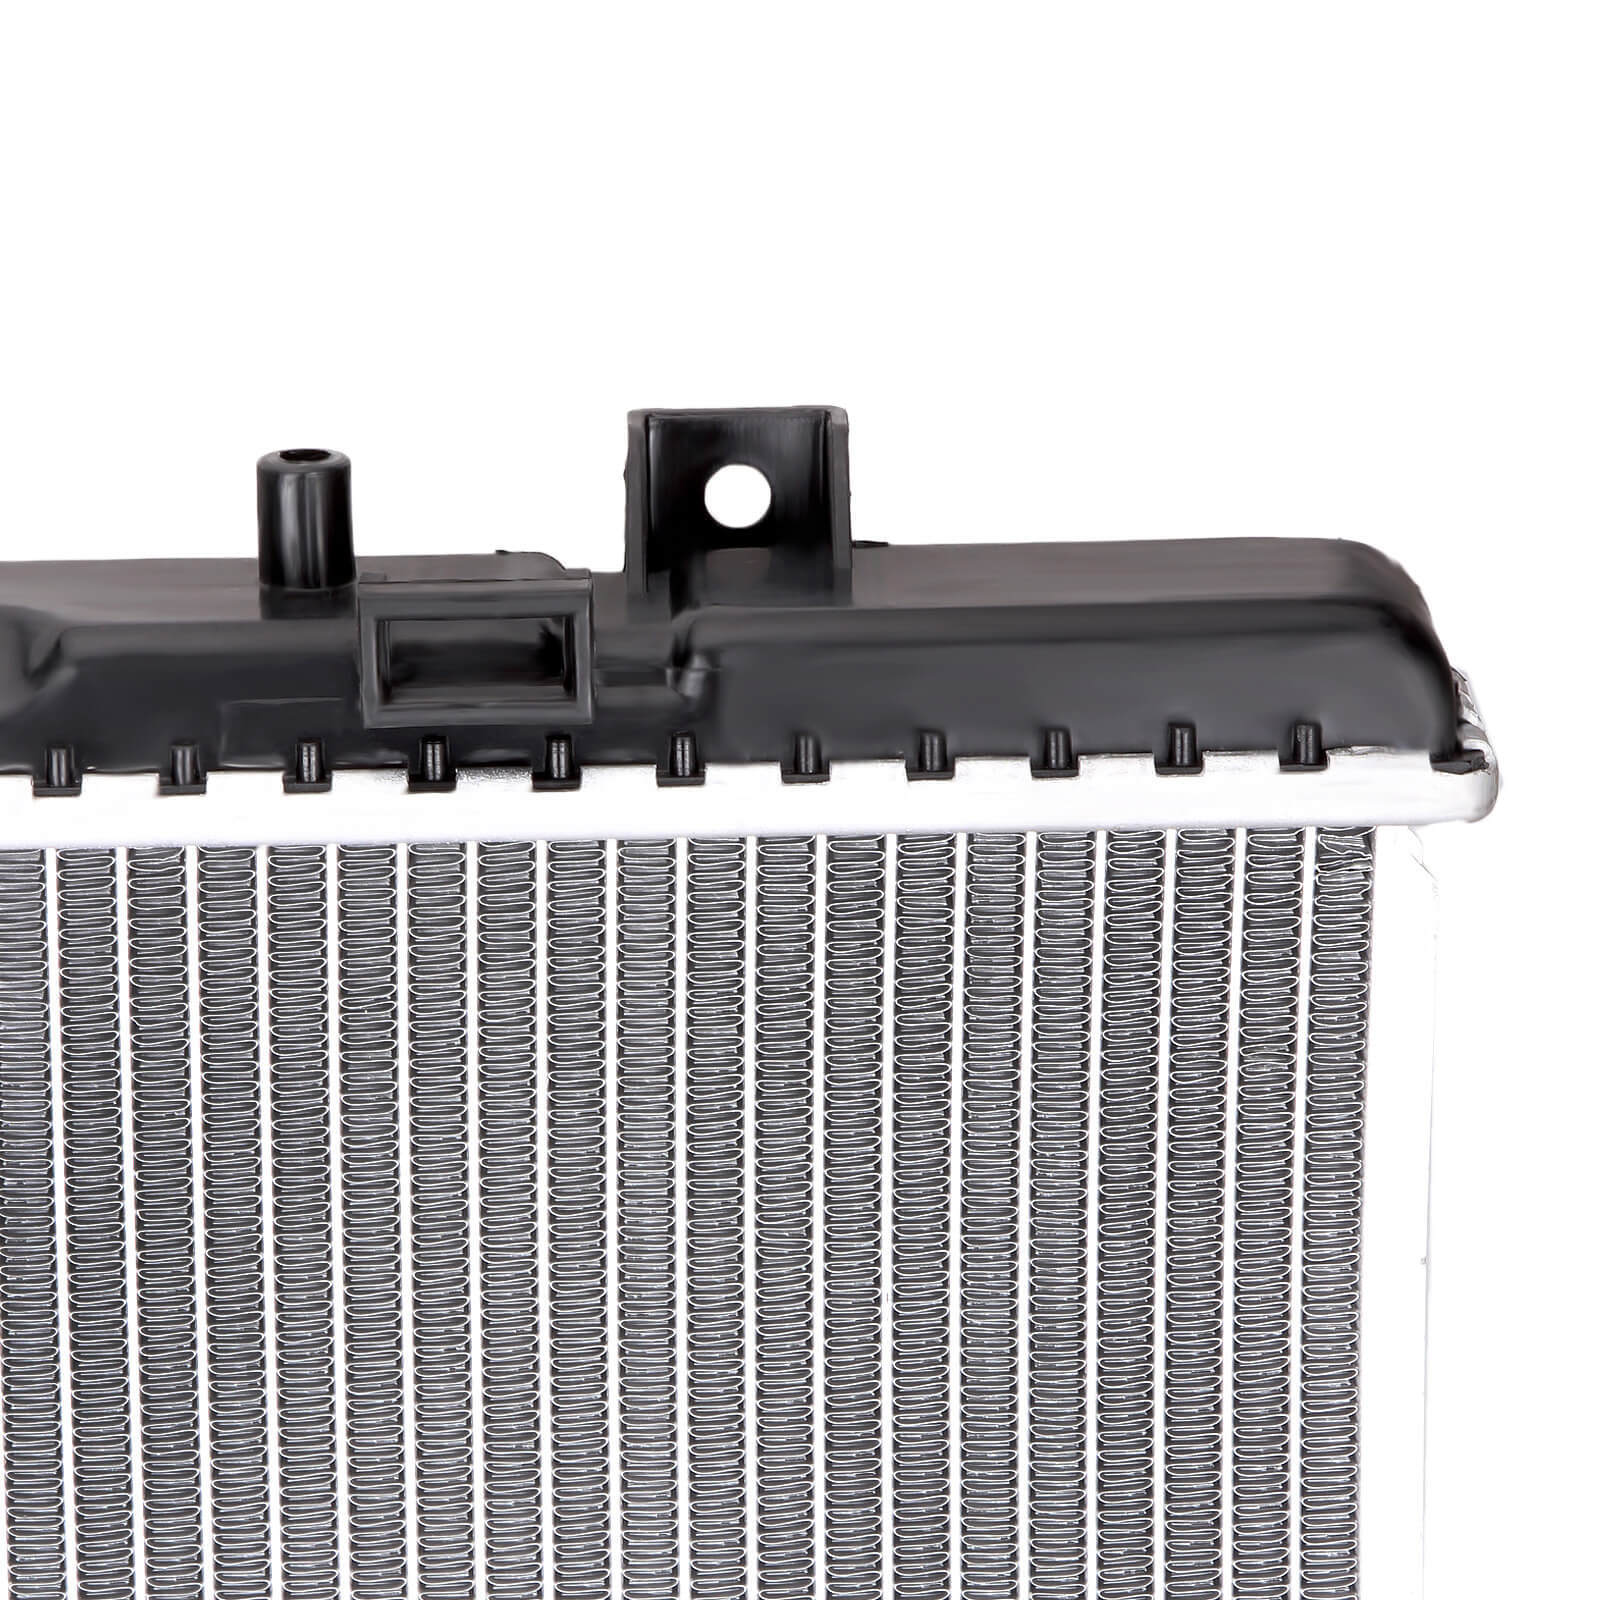 Hot vx holden radiators for sale vt Dromedary Brand